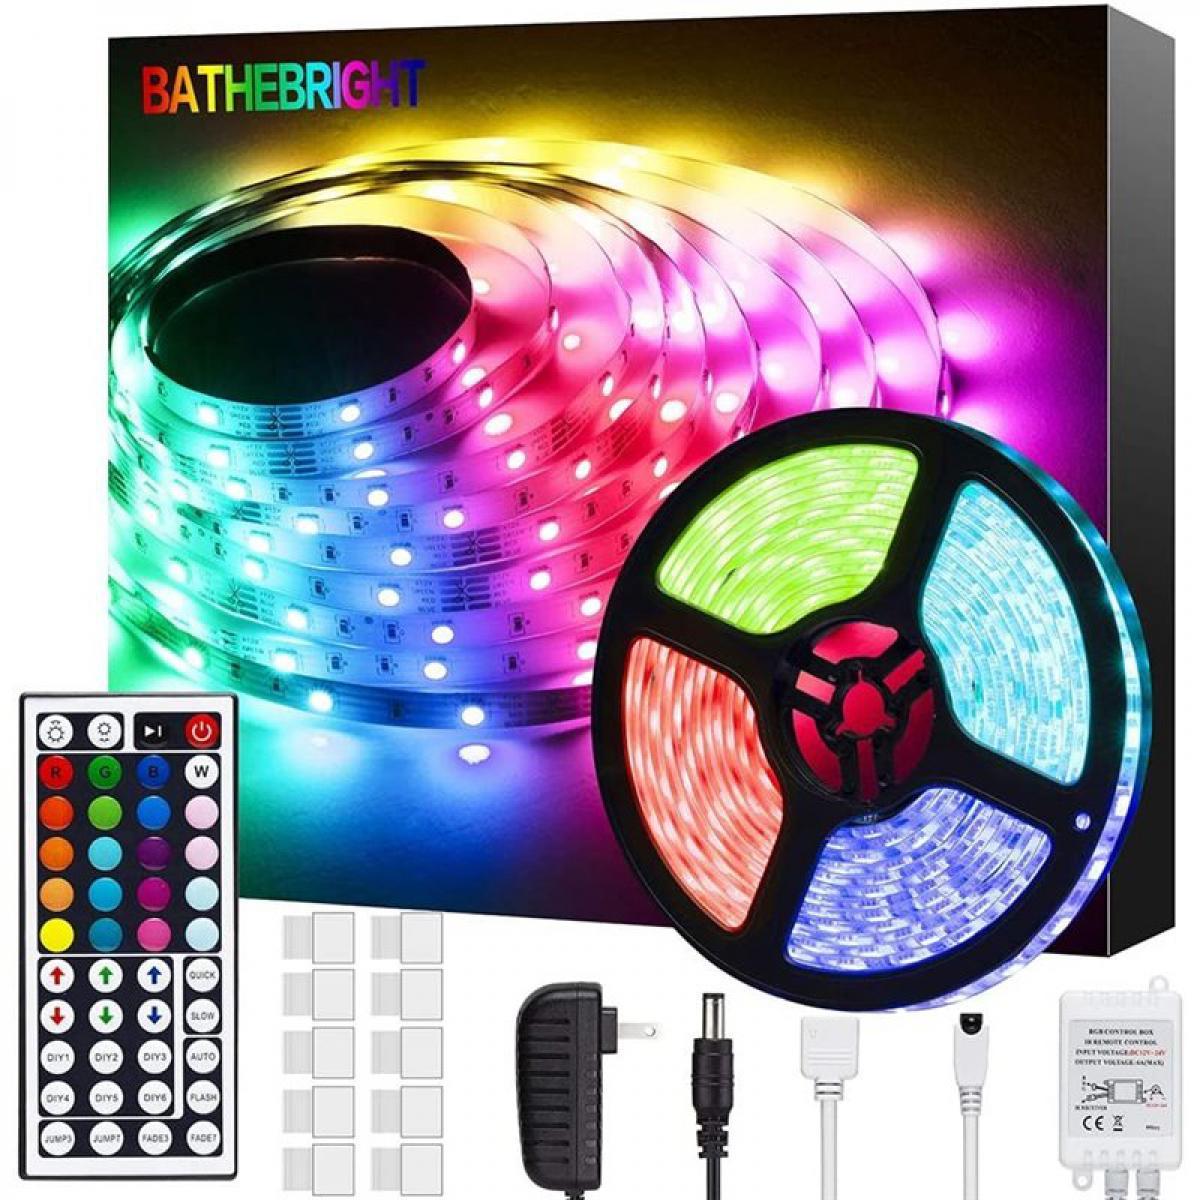 Deoditoo Guirlande Etanche à Eclairage LED 5 Mètres avec 300 LEDs 5050 RGB Colorées et Contrôleur Bluetooth - RR-FL-C5050RGB-12-6